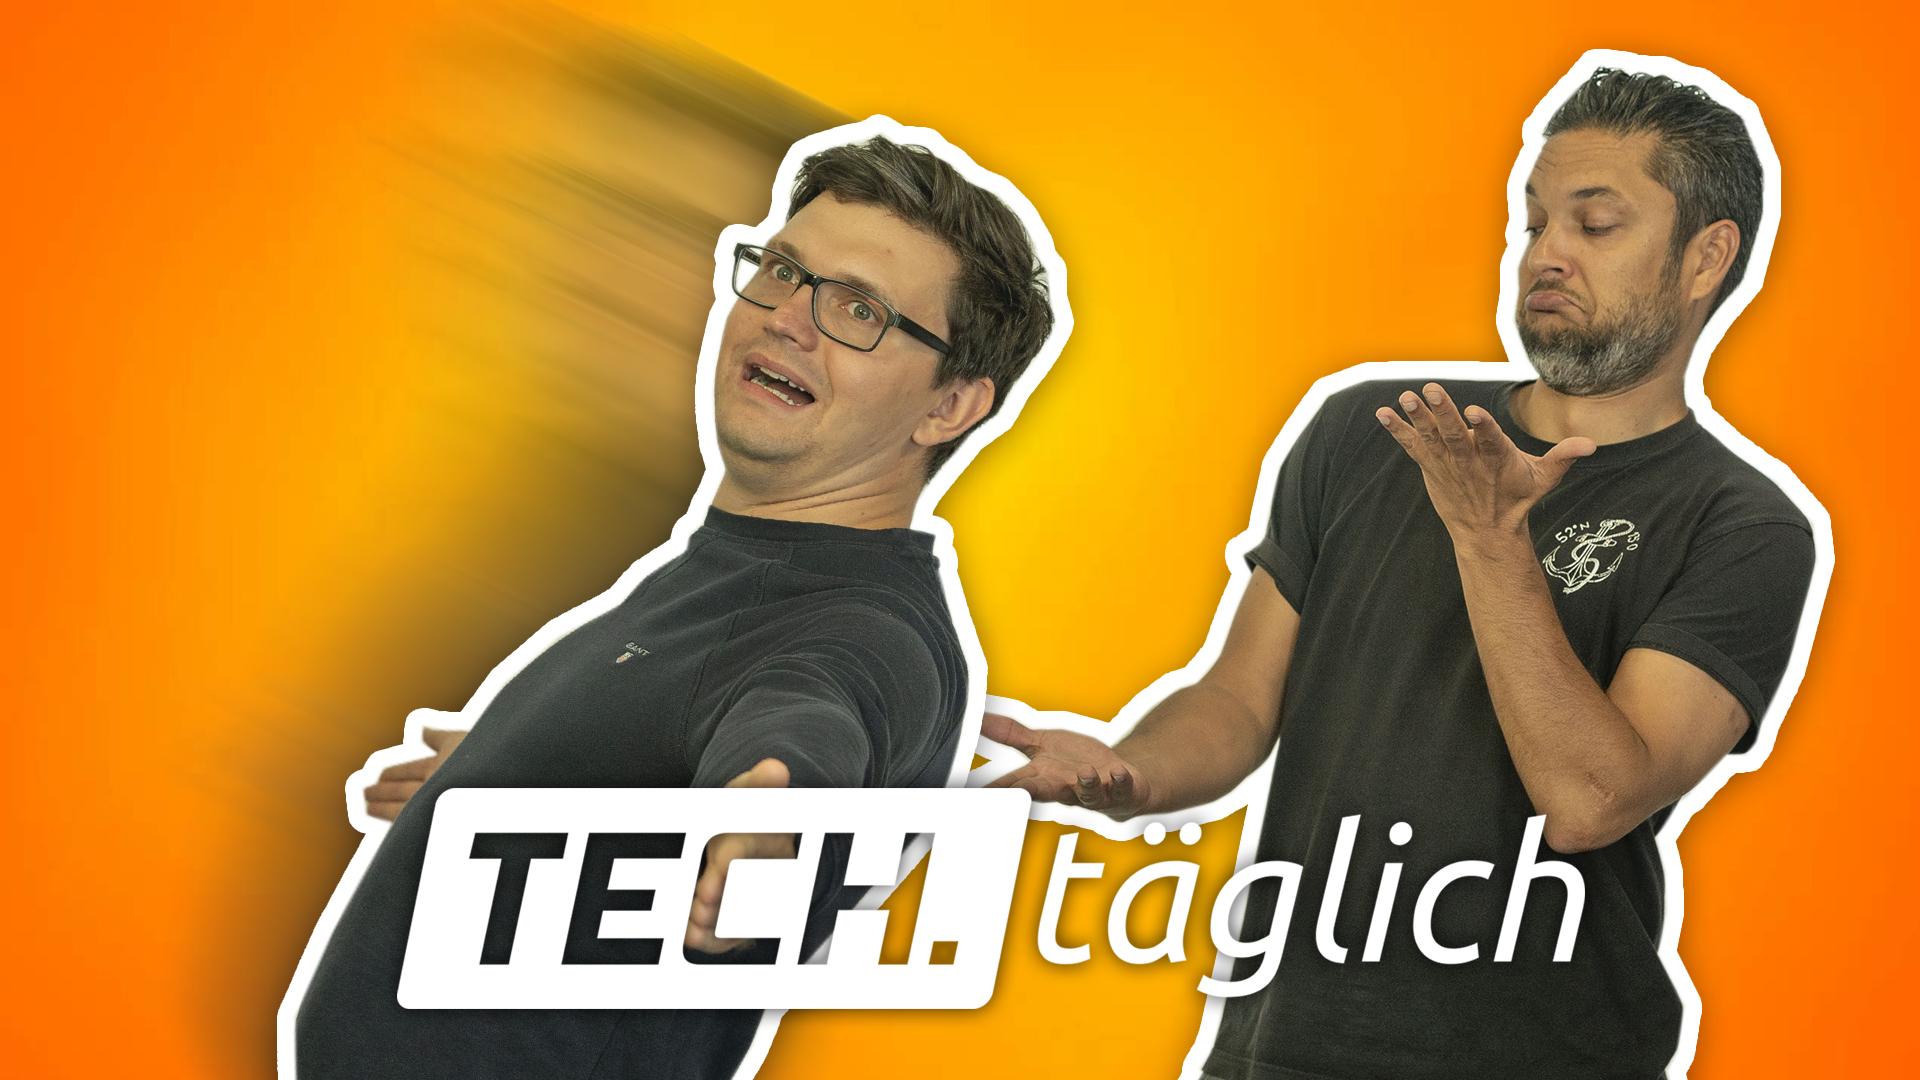 iPhone 2020 ohne Notch? Galaxy Note 10 wird nicht so teuer; Stardew Valley im Angebot! – TECH.täglich